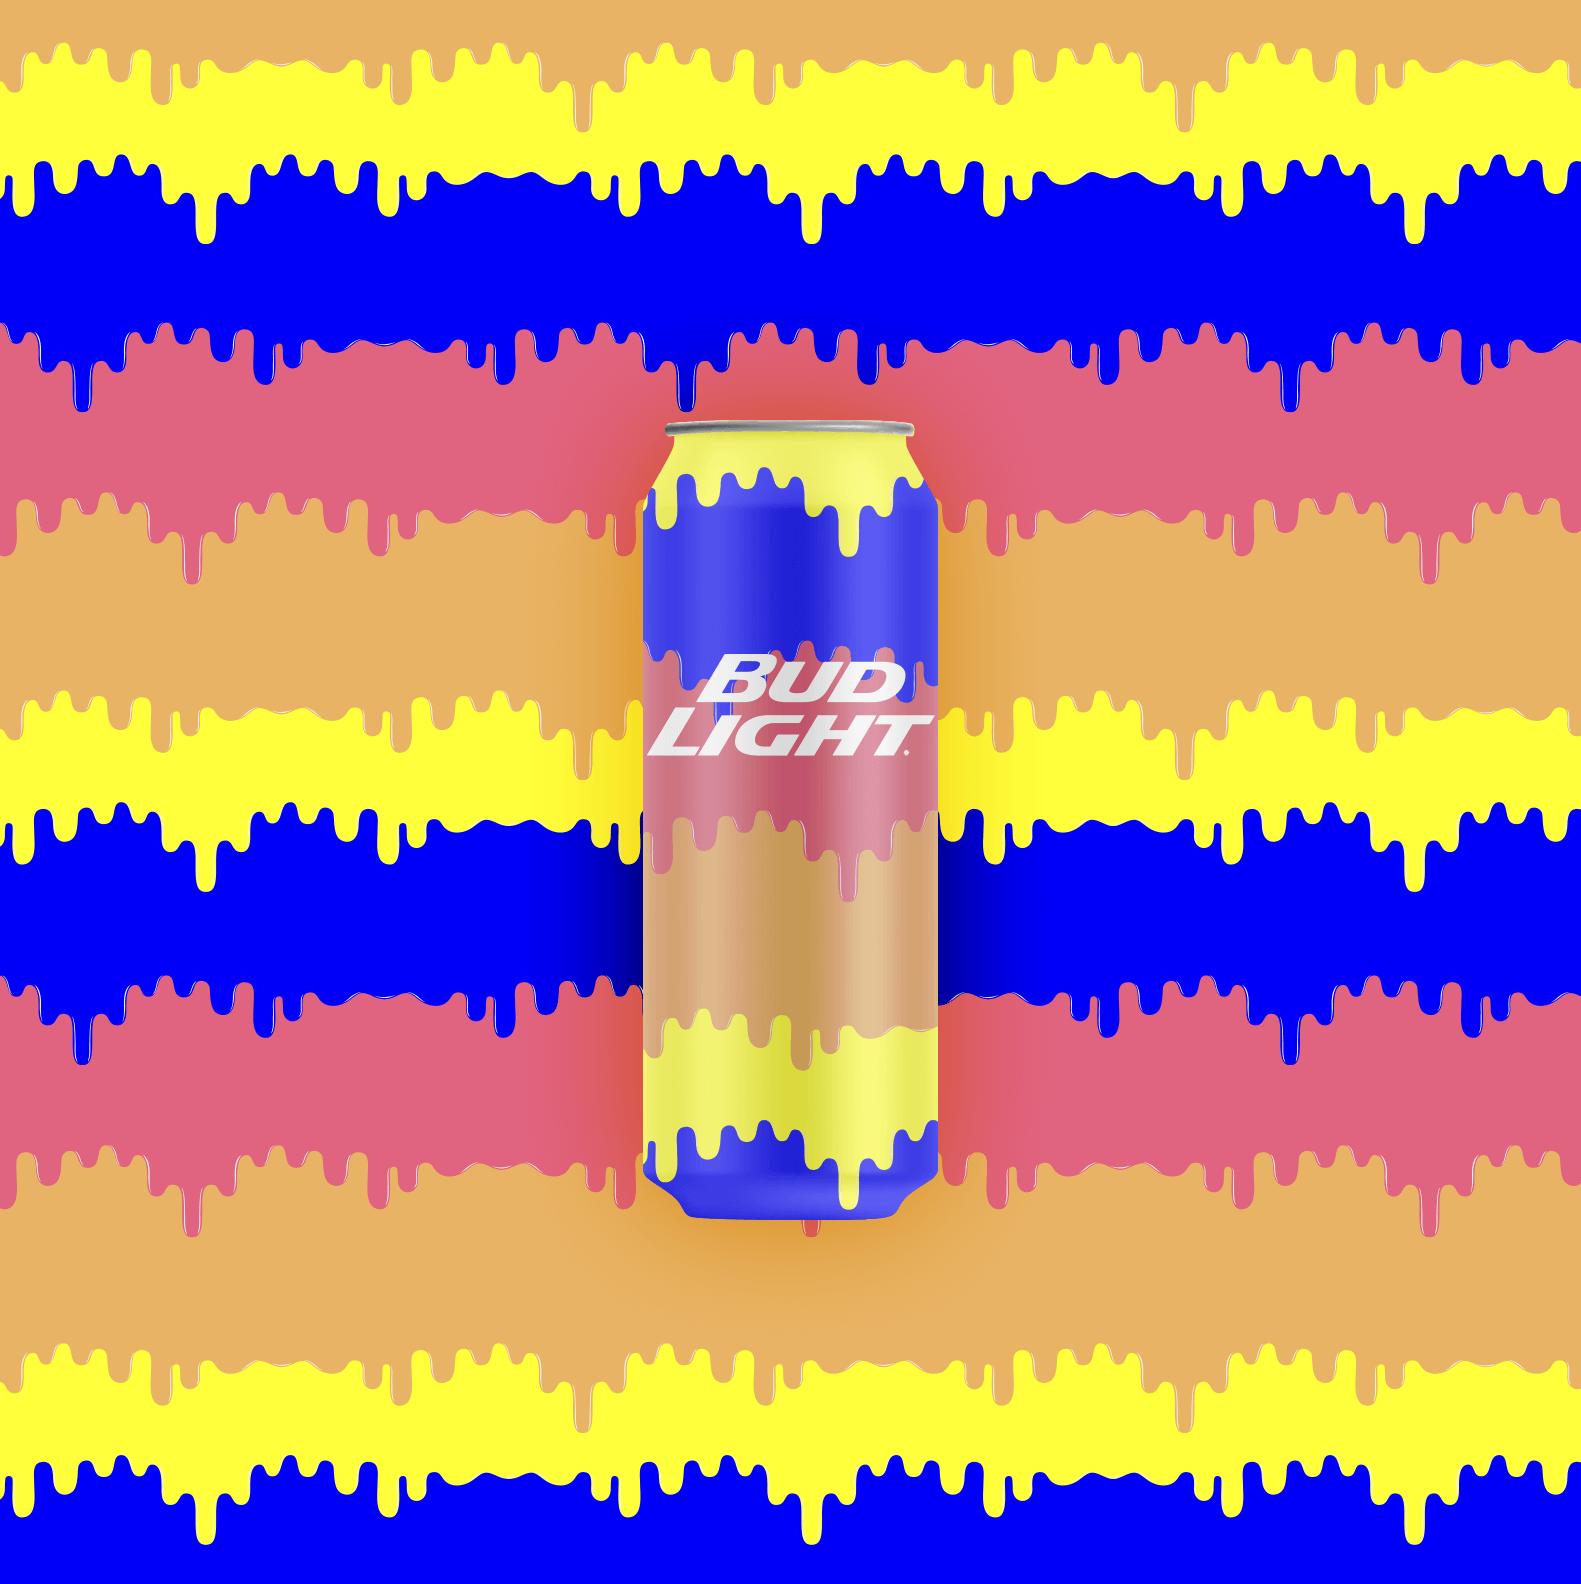 BDLT_Cans-Drip